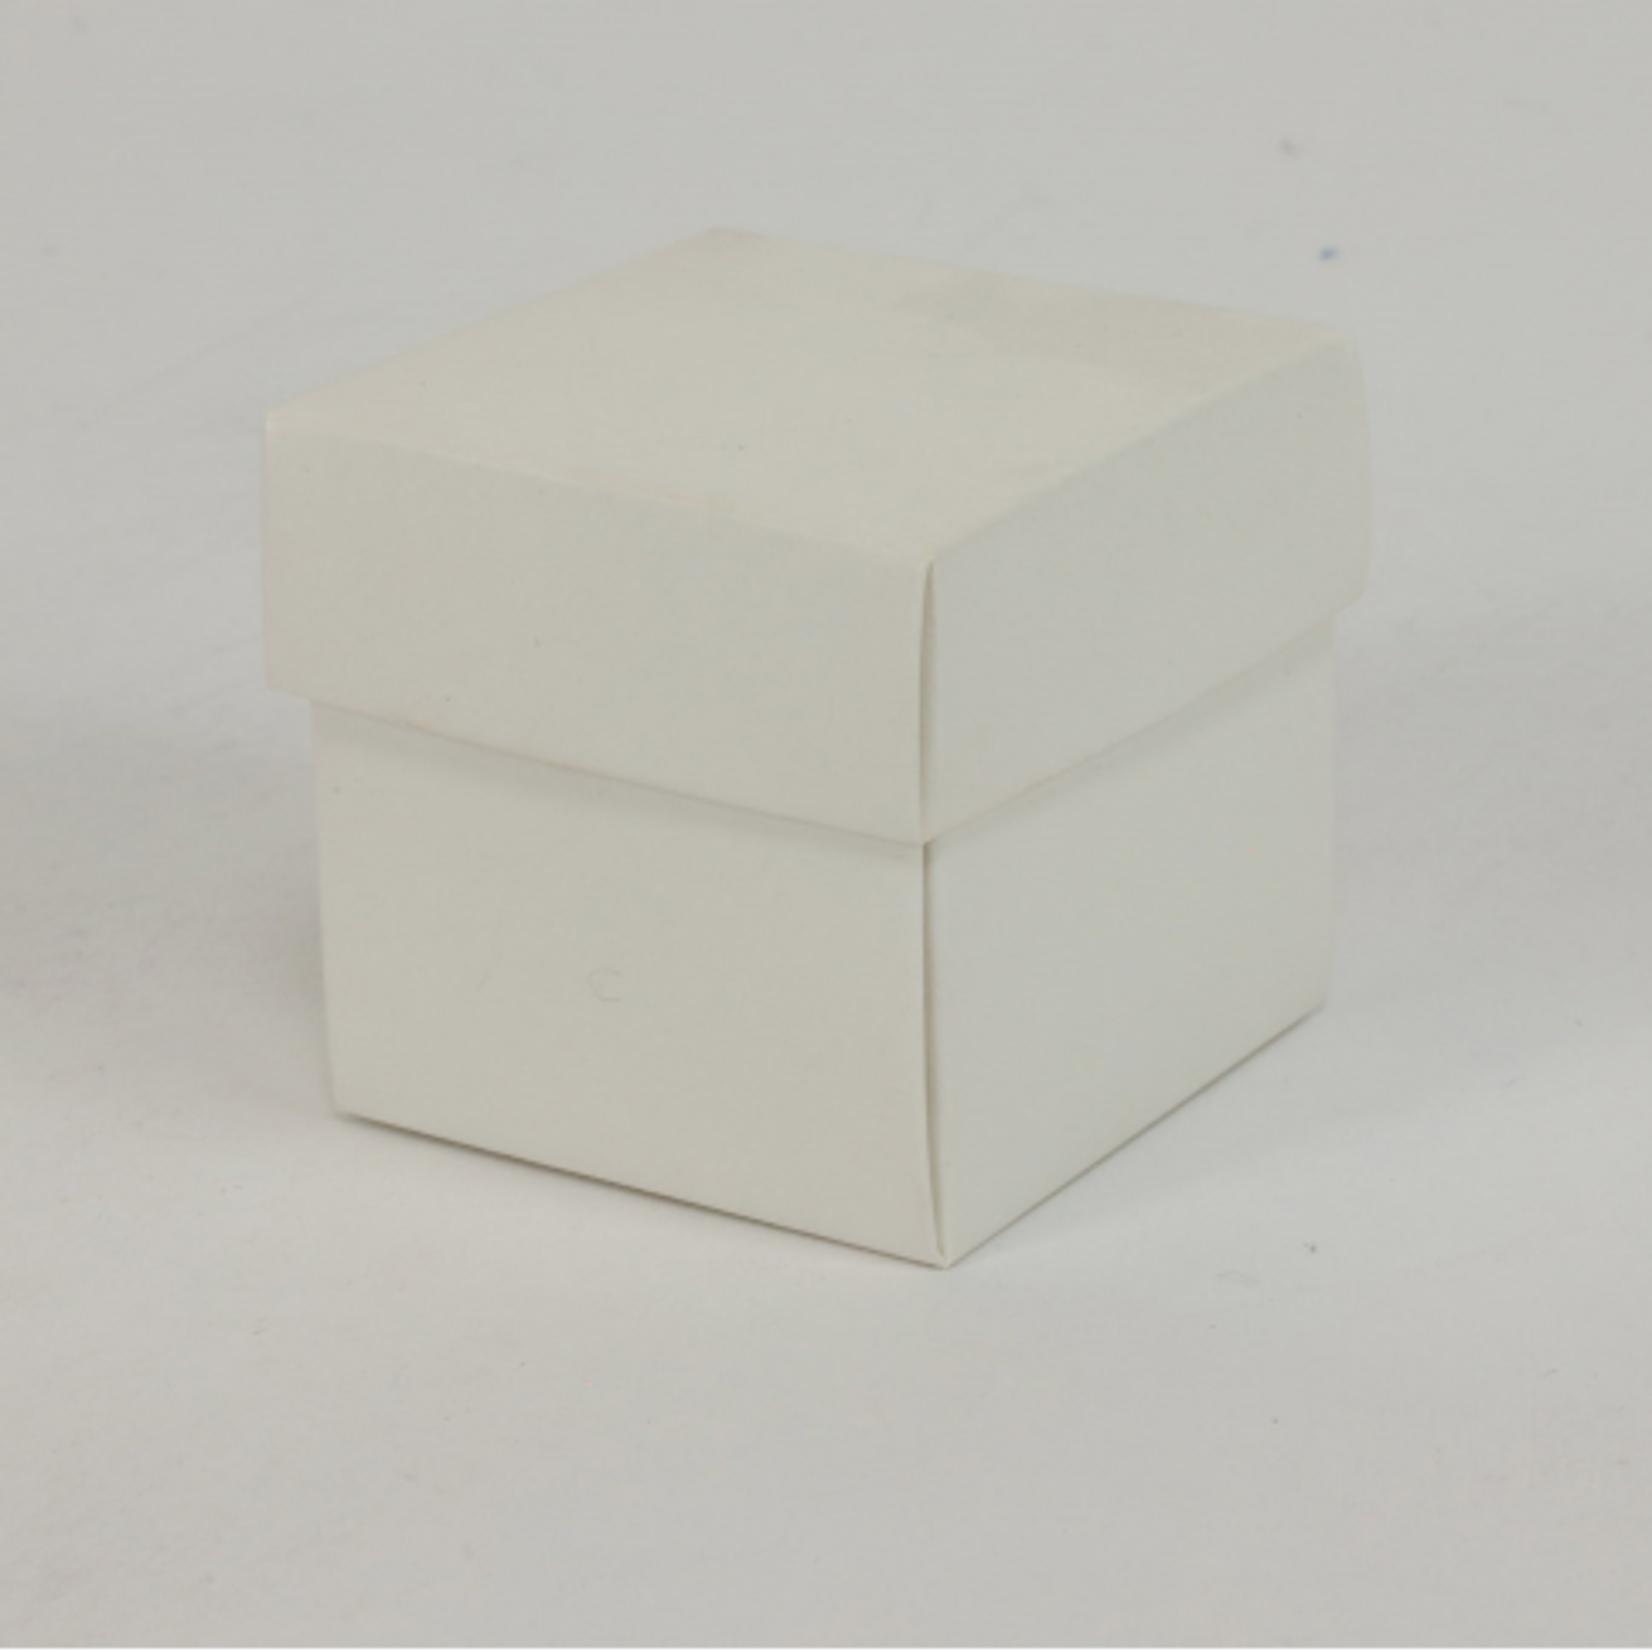 2'' CUBE BOX W LID, 24 PCS